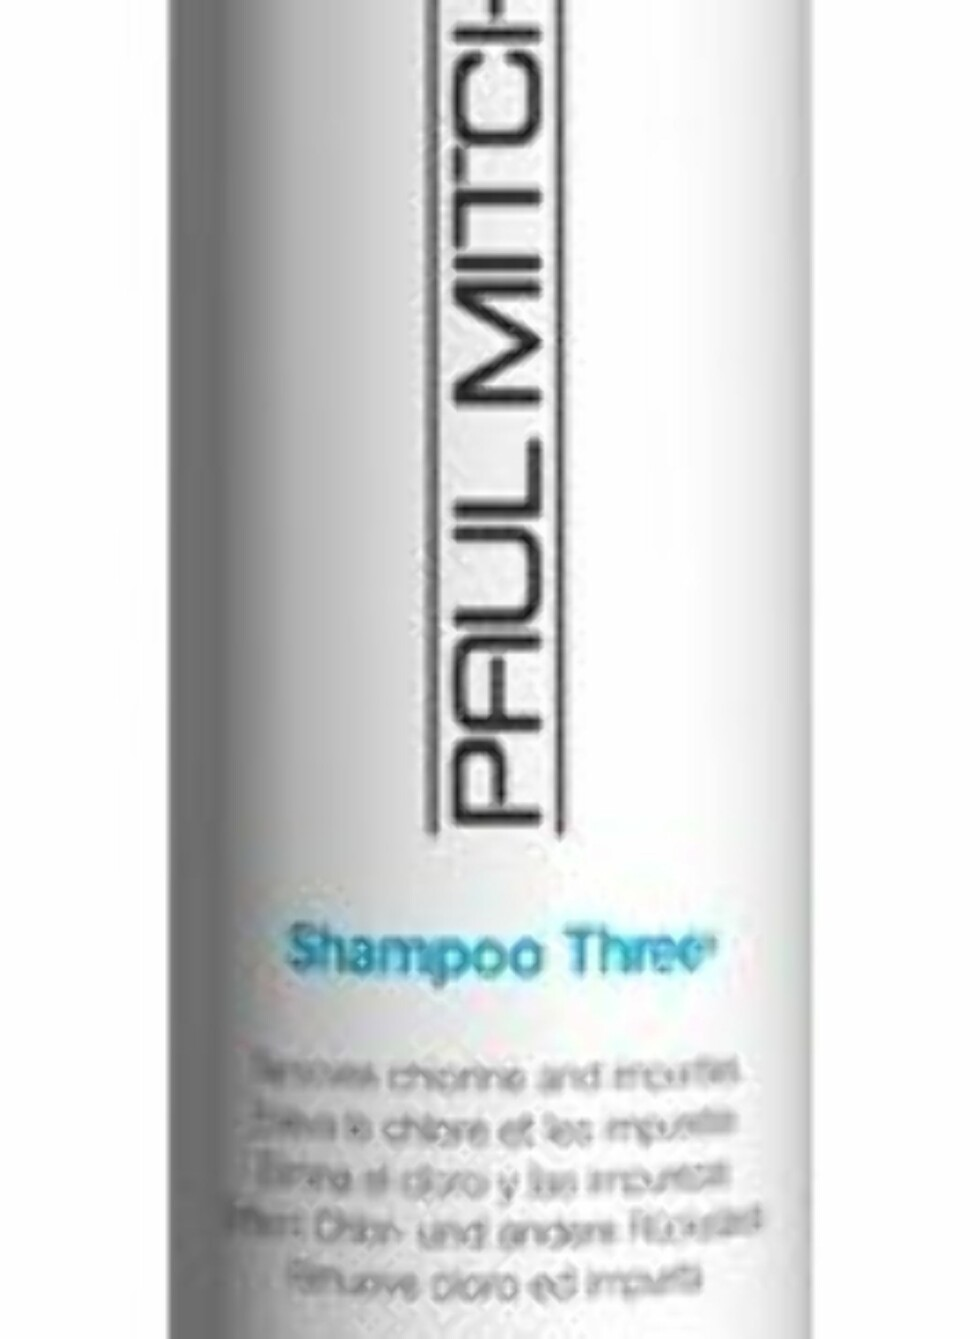 Paul Mitchell Clarifying Shampoo Three er en dyptrensende sjampo for fjerning av styling- og finishingprodukter, veil. kr 224. Foto: Produsenten